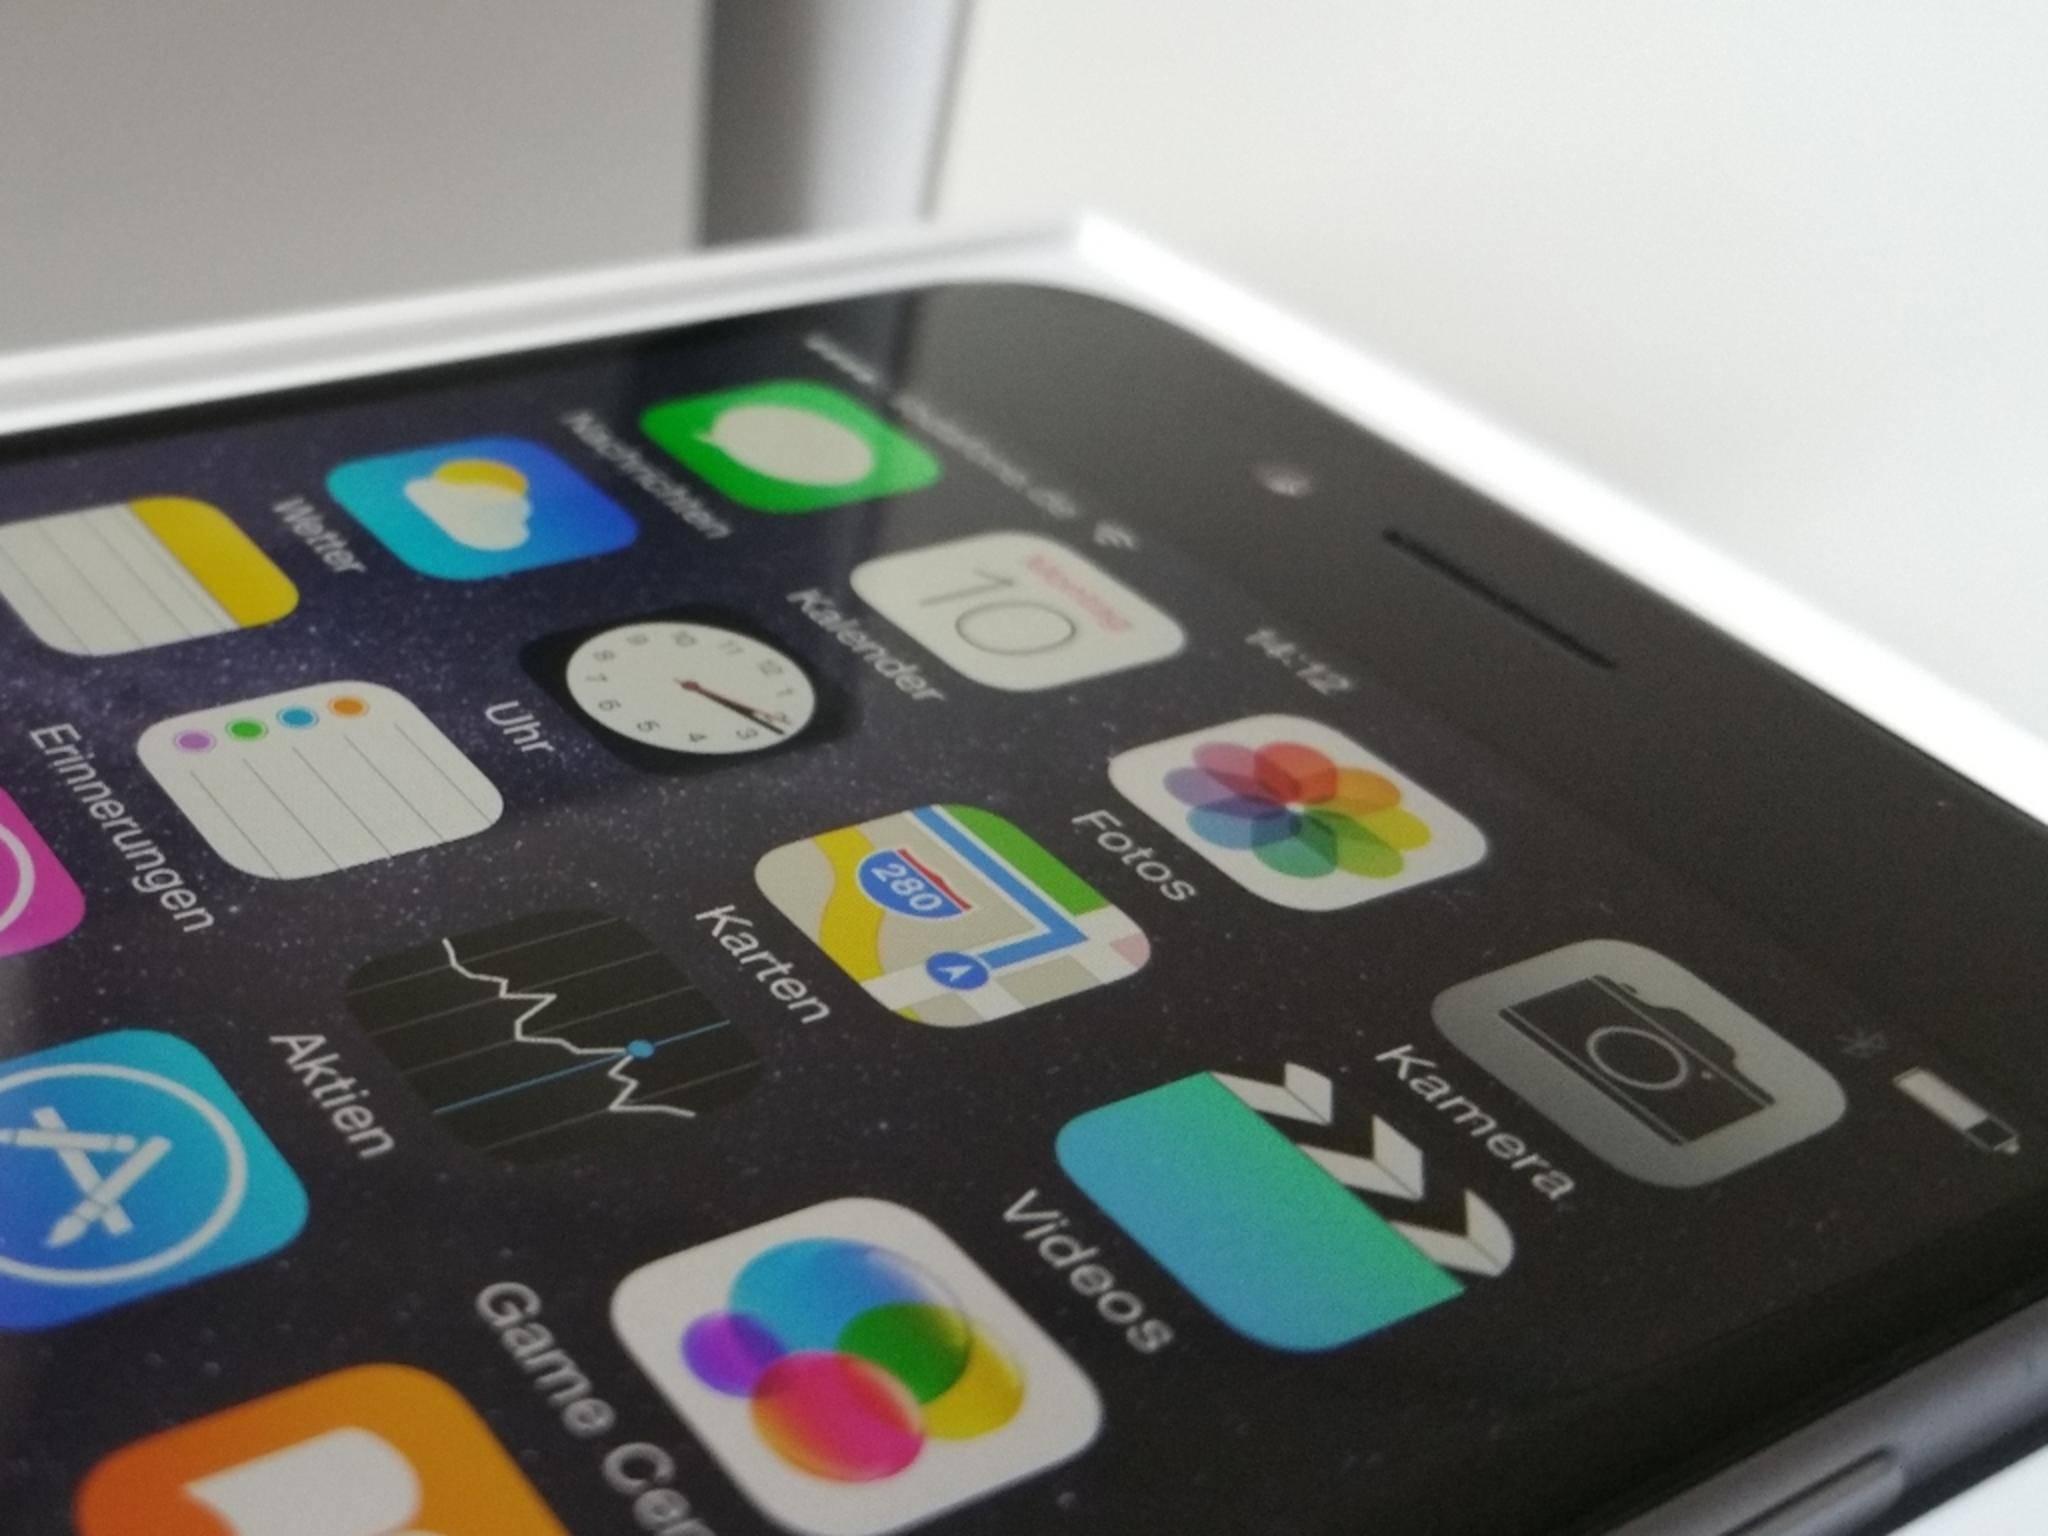 Ob sich iOS 9 stark vom Vorgänger-OS unterscheiden wird, steht noch nicht fest.